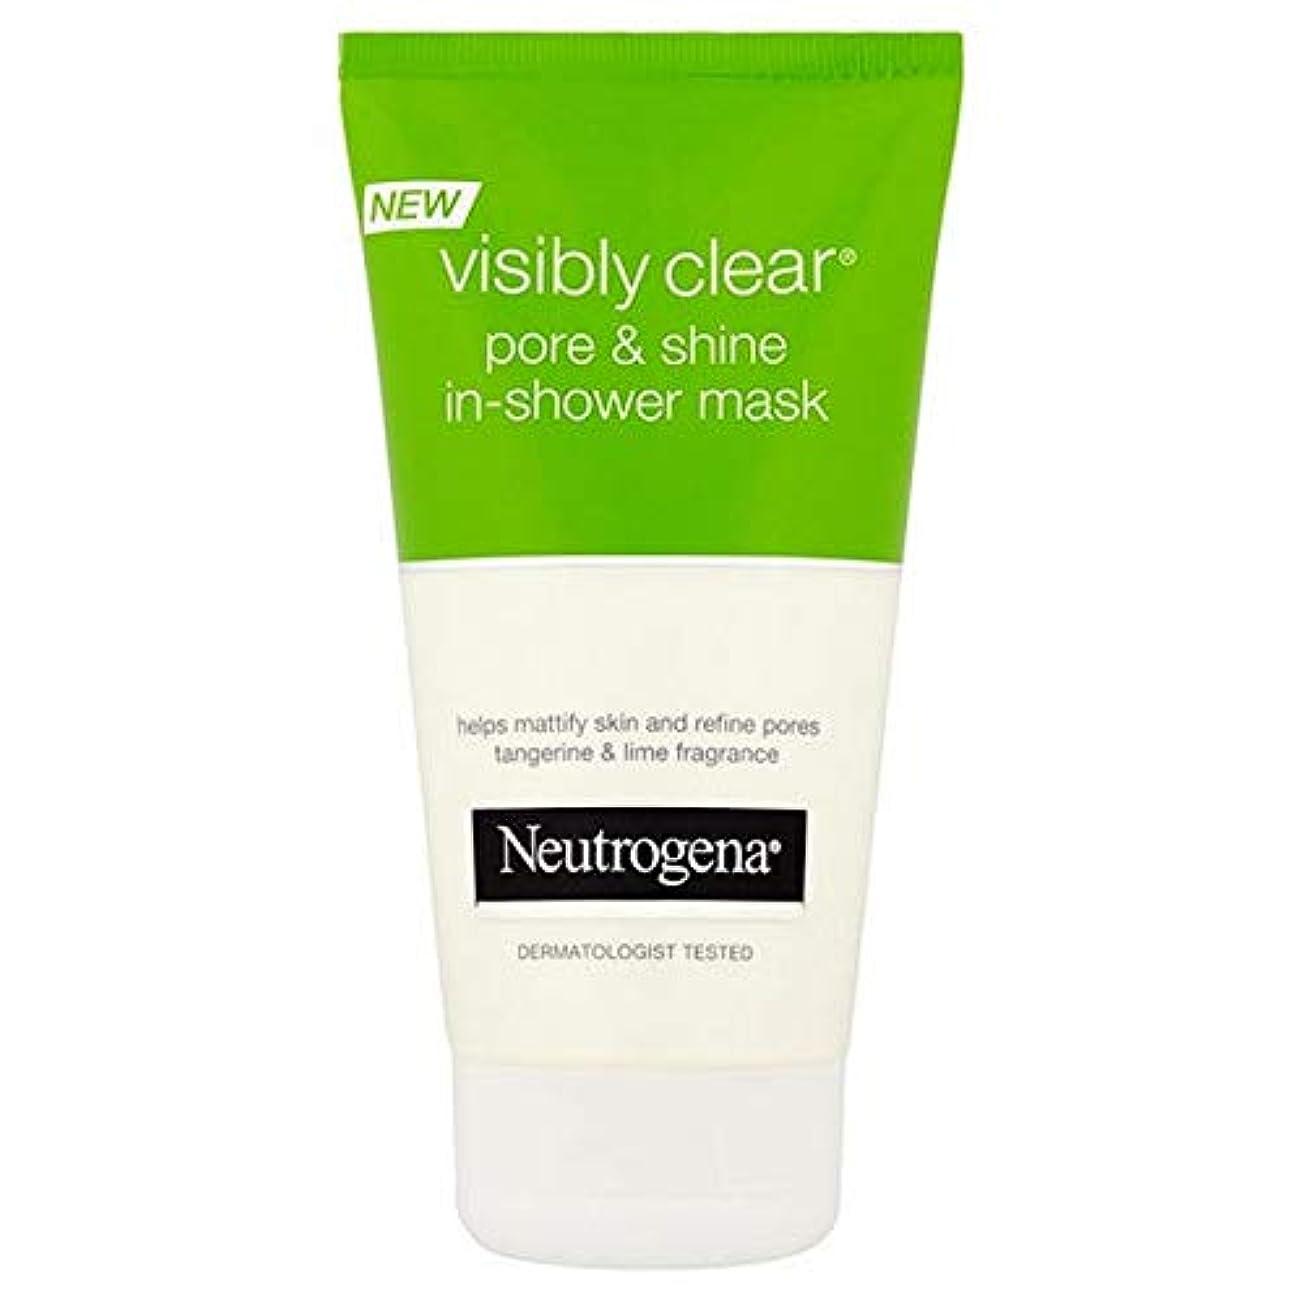 マージスローガン摩擦[Neutrogena] シャワーマスク150ミリリットルでニュートロジーナ目に見えて明らかポア&輝き - Neutrogena Visibly Clear Pore & Shine In Shower Mask 150ml...